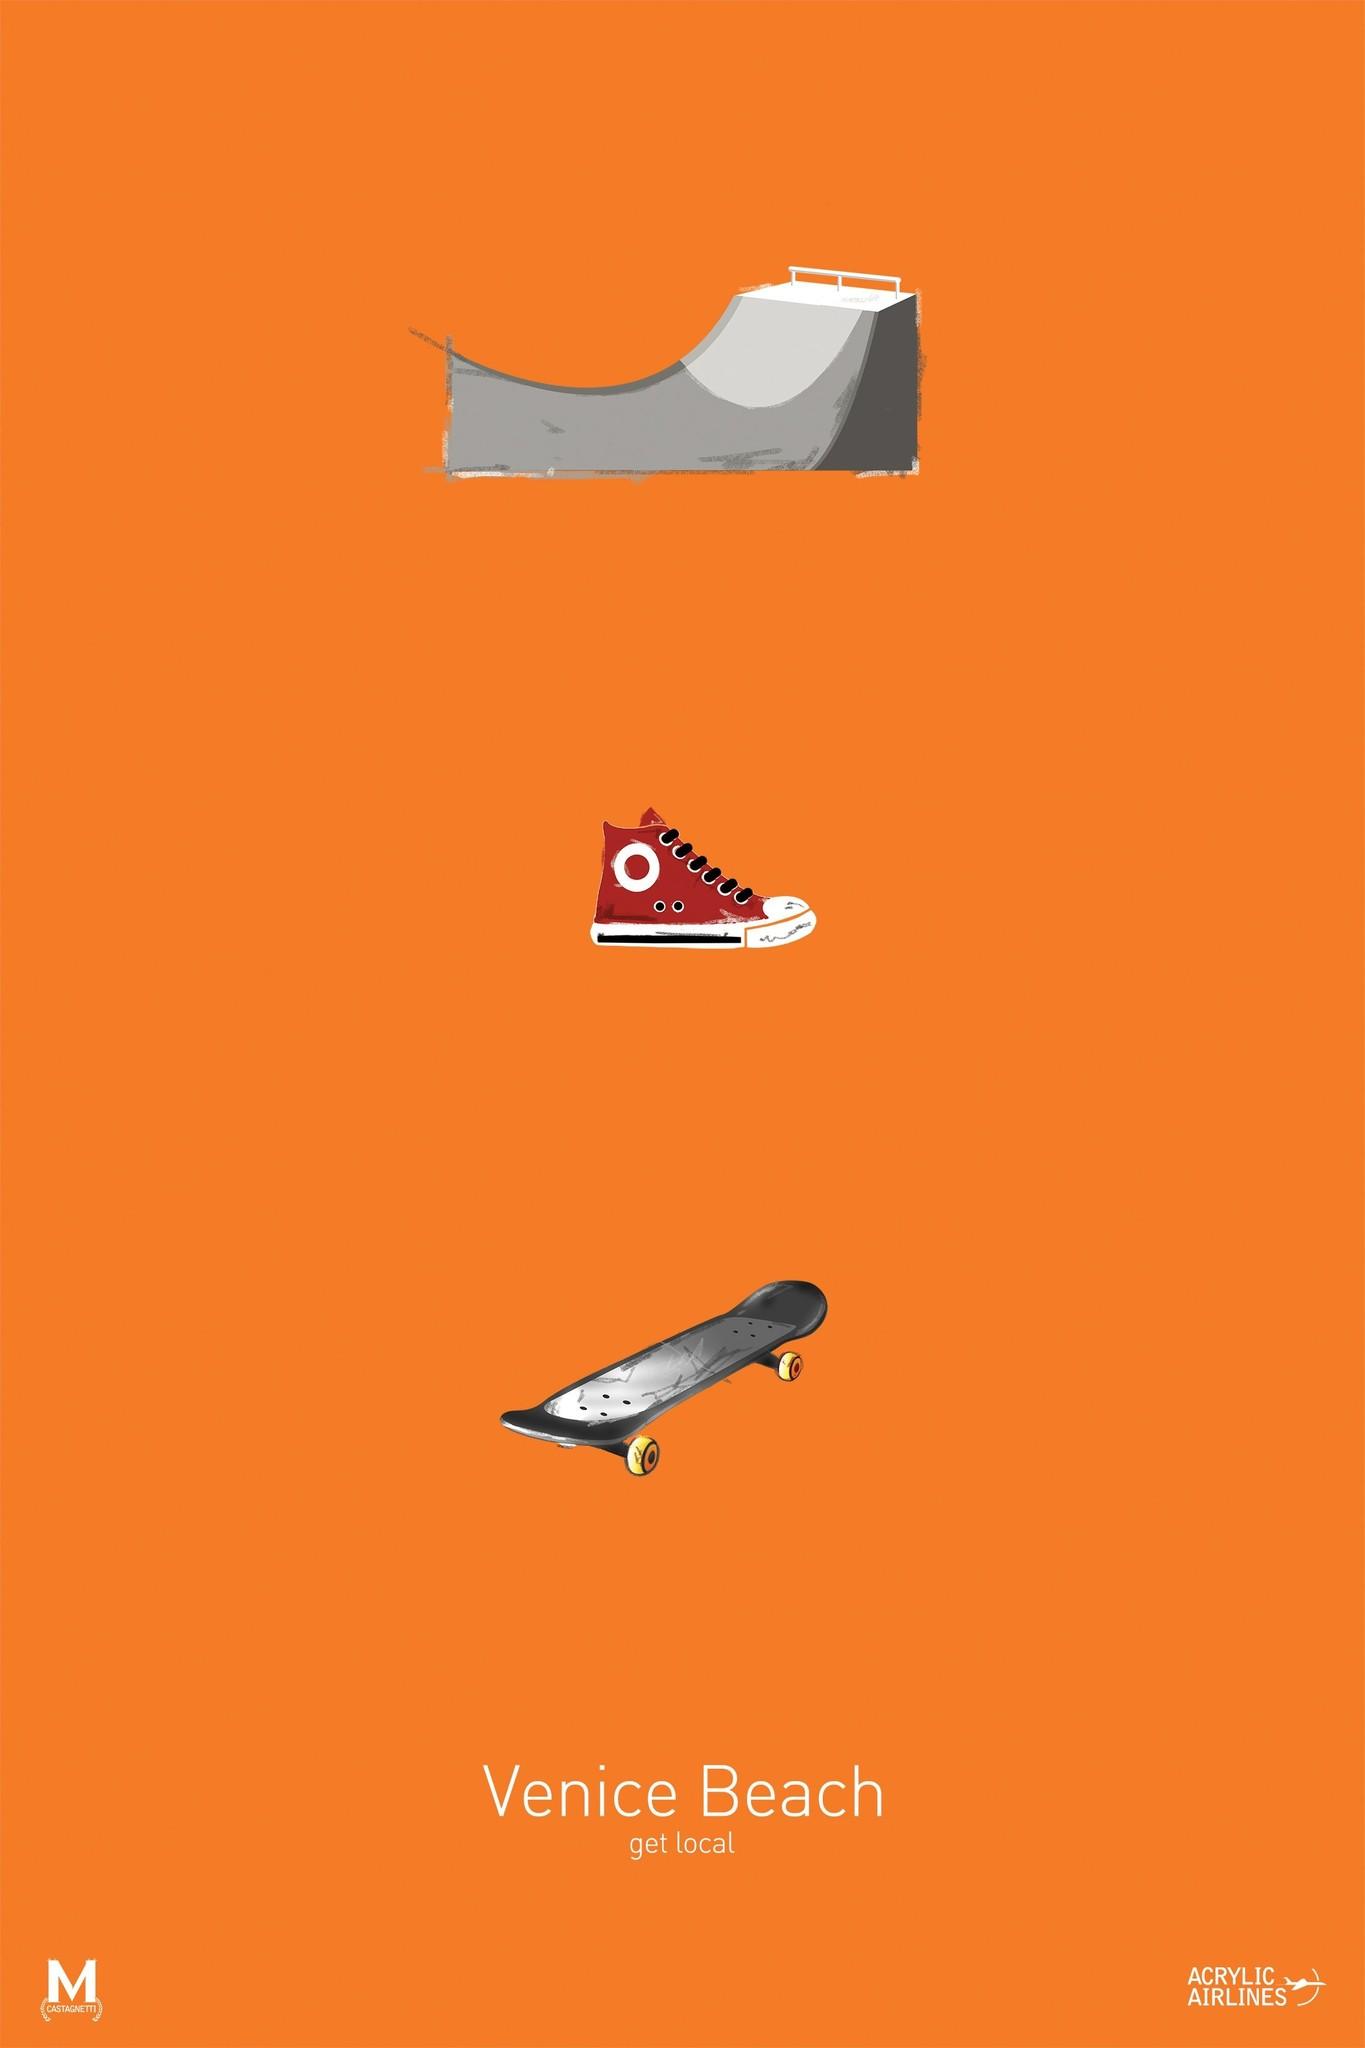 13x19 Skate Poster